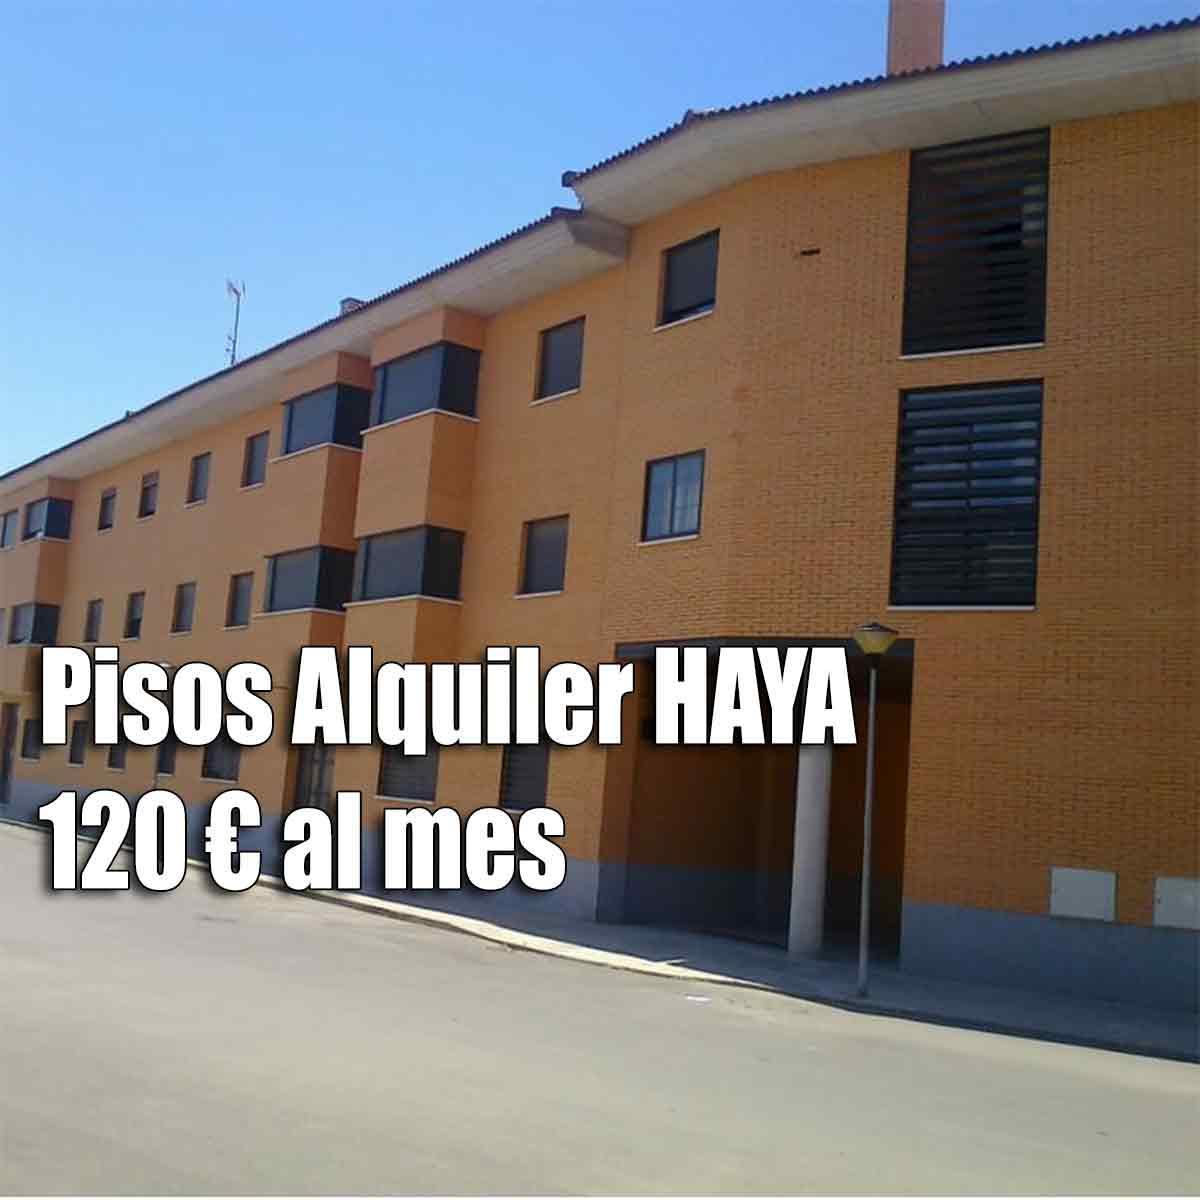 144 pisos de Haya Inmobiliaria desde 120 euros al mes de alquiler